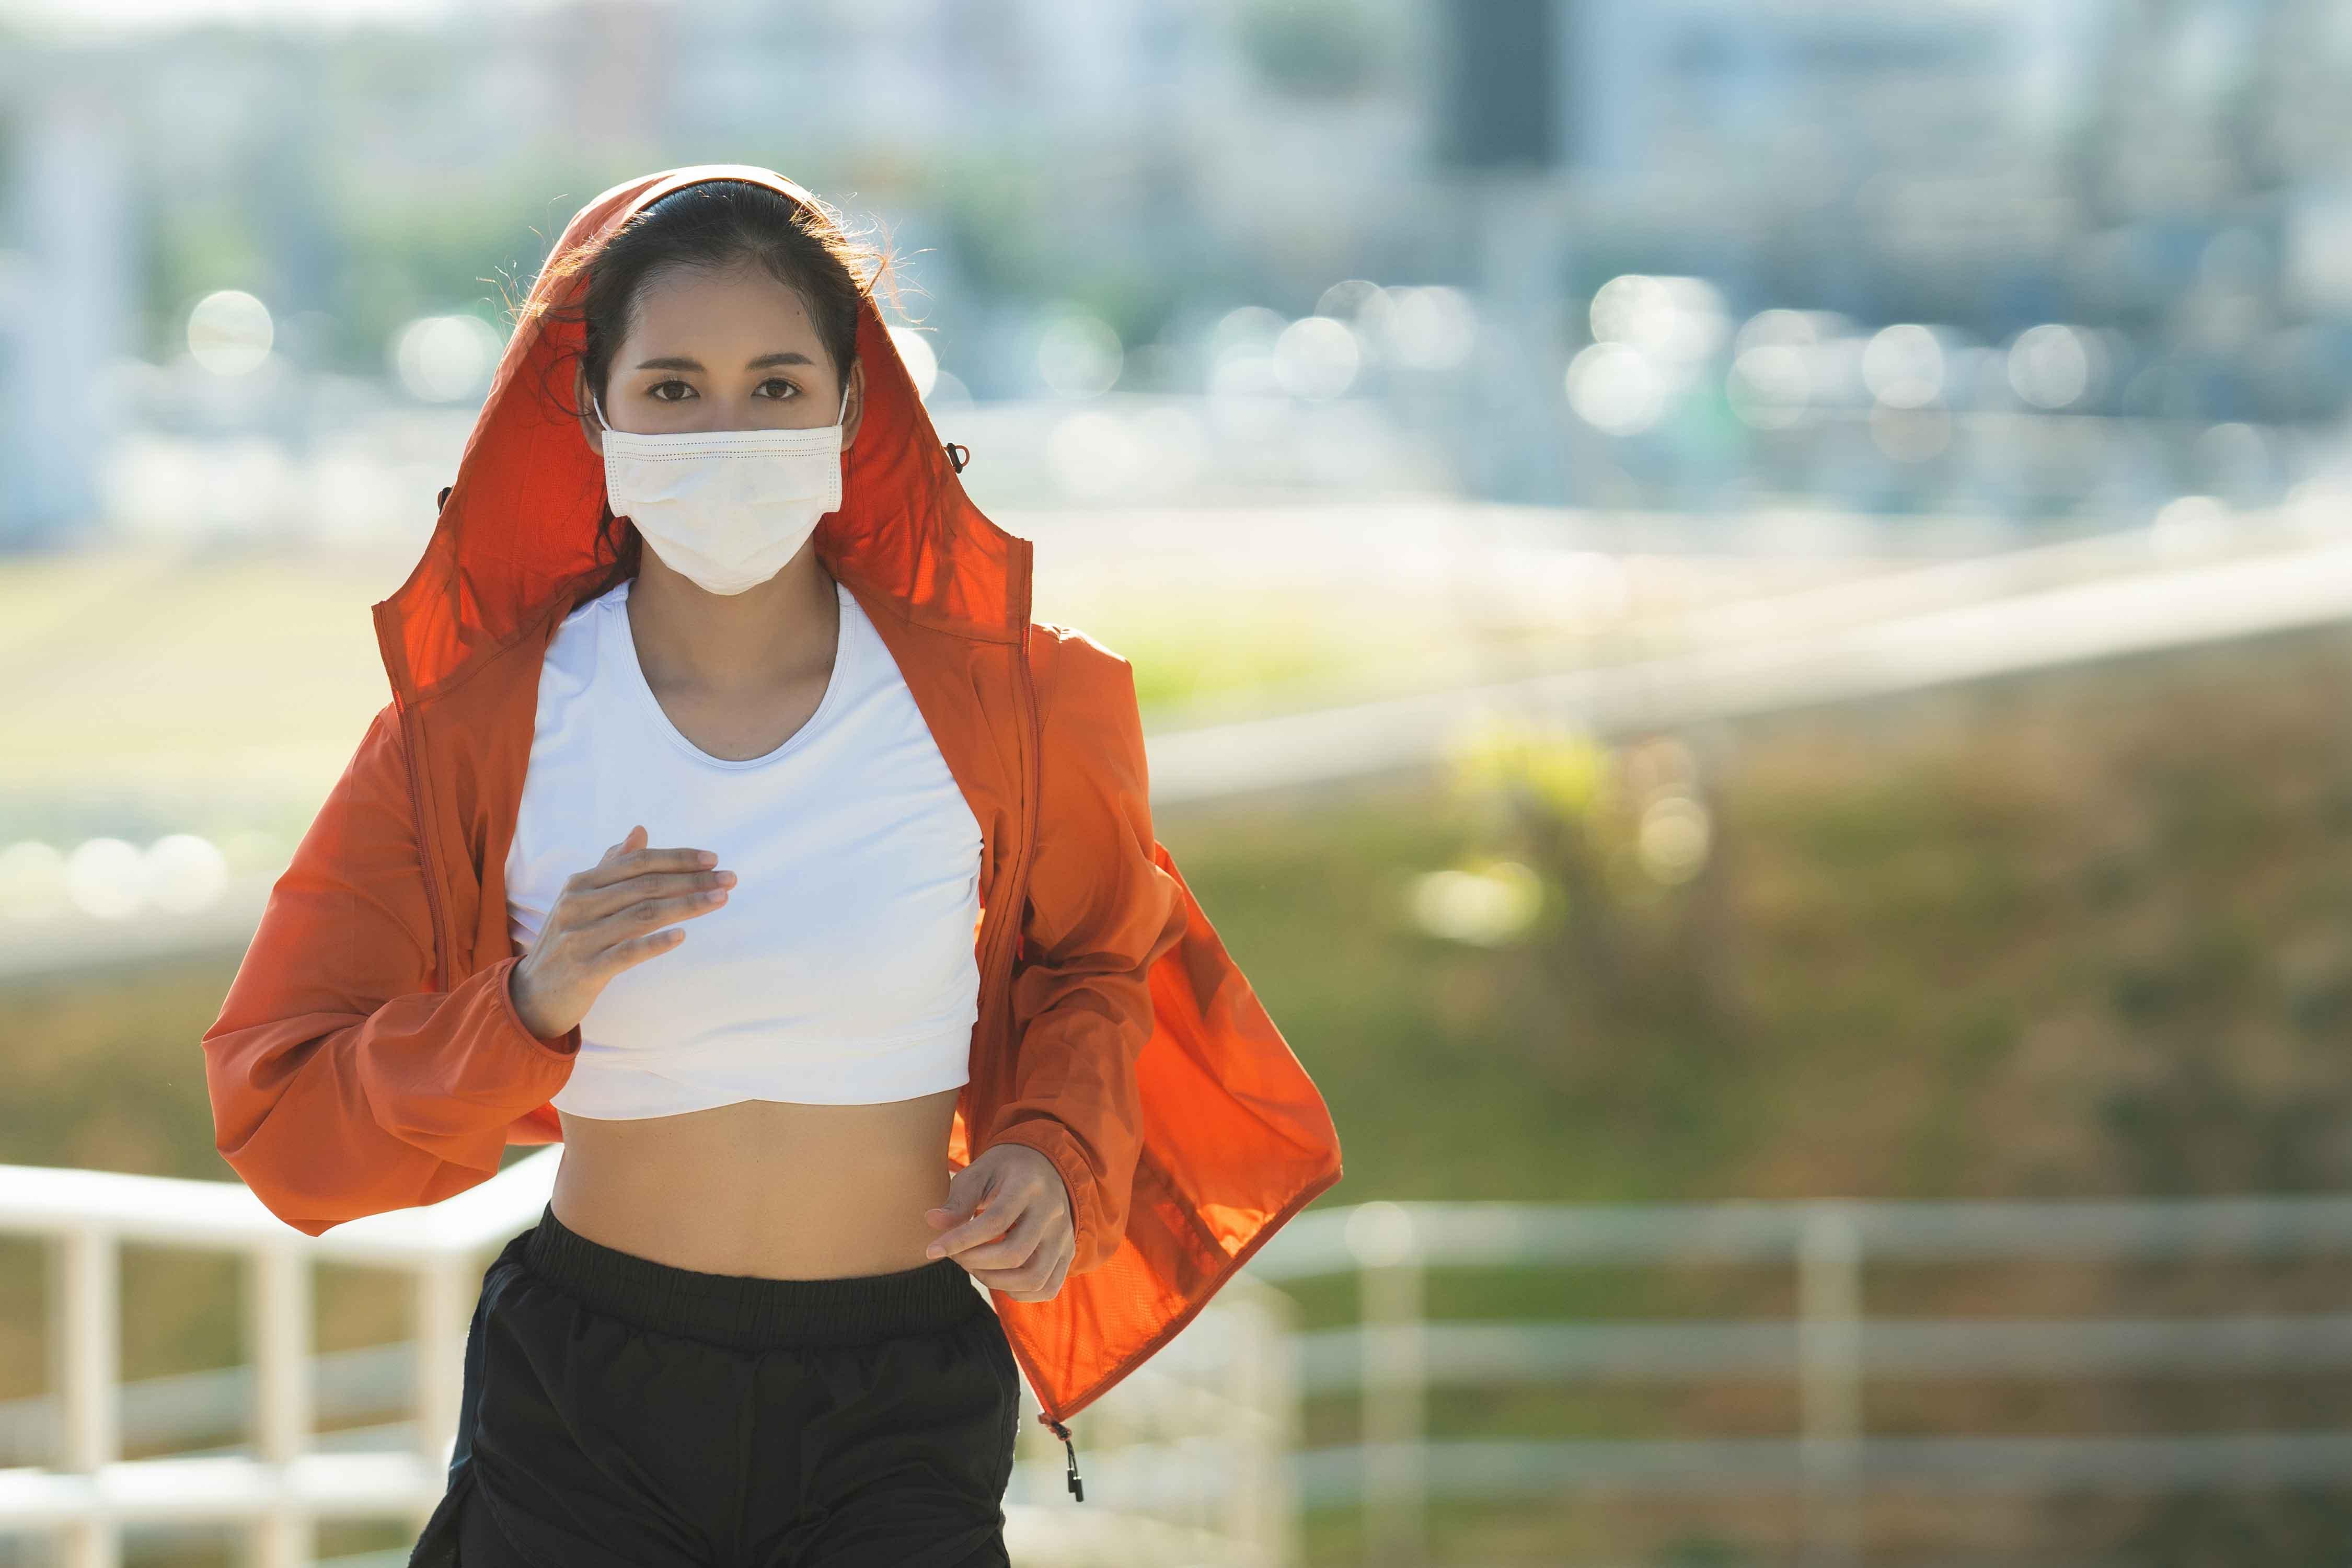 マスクをしてジョギング